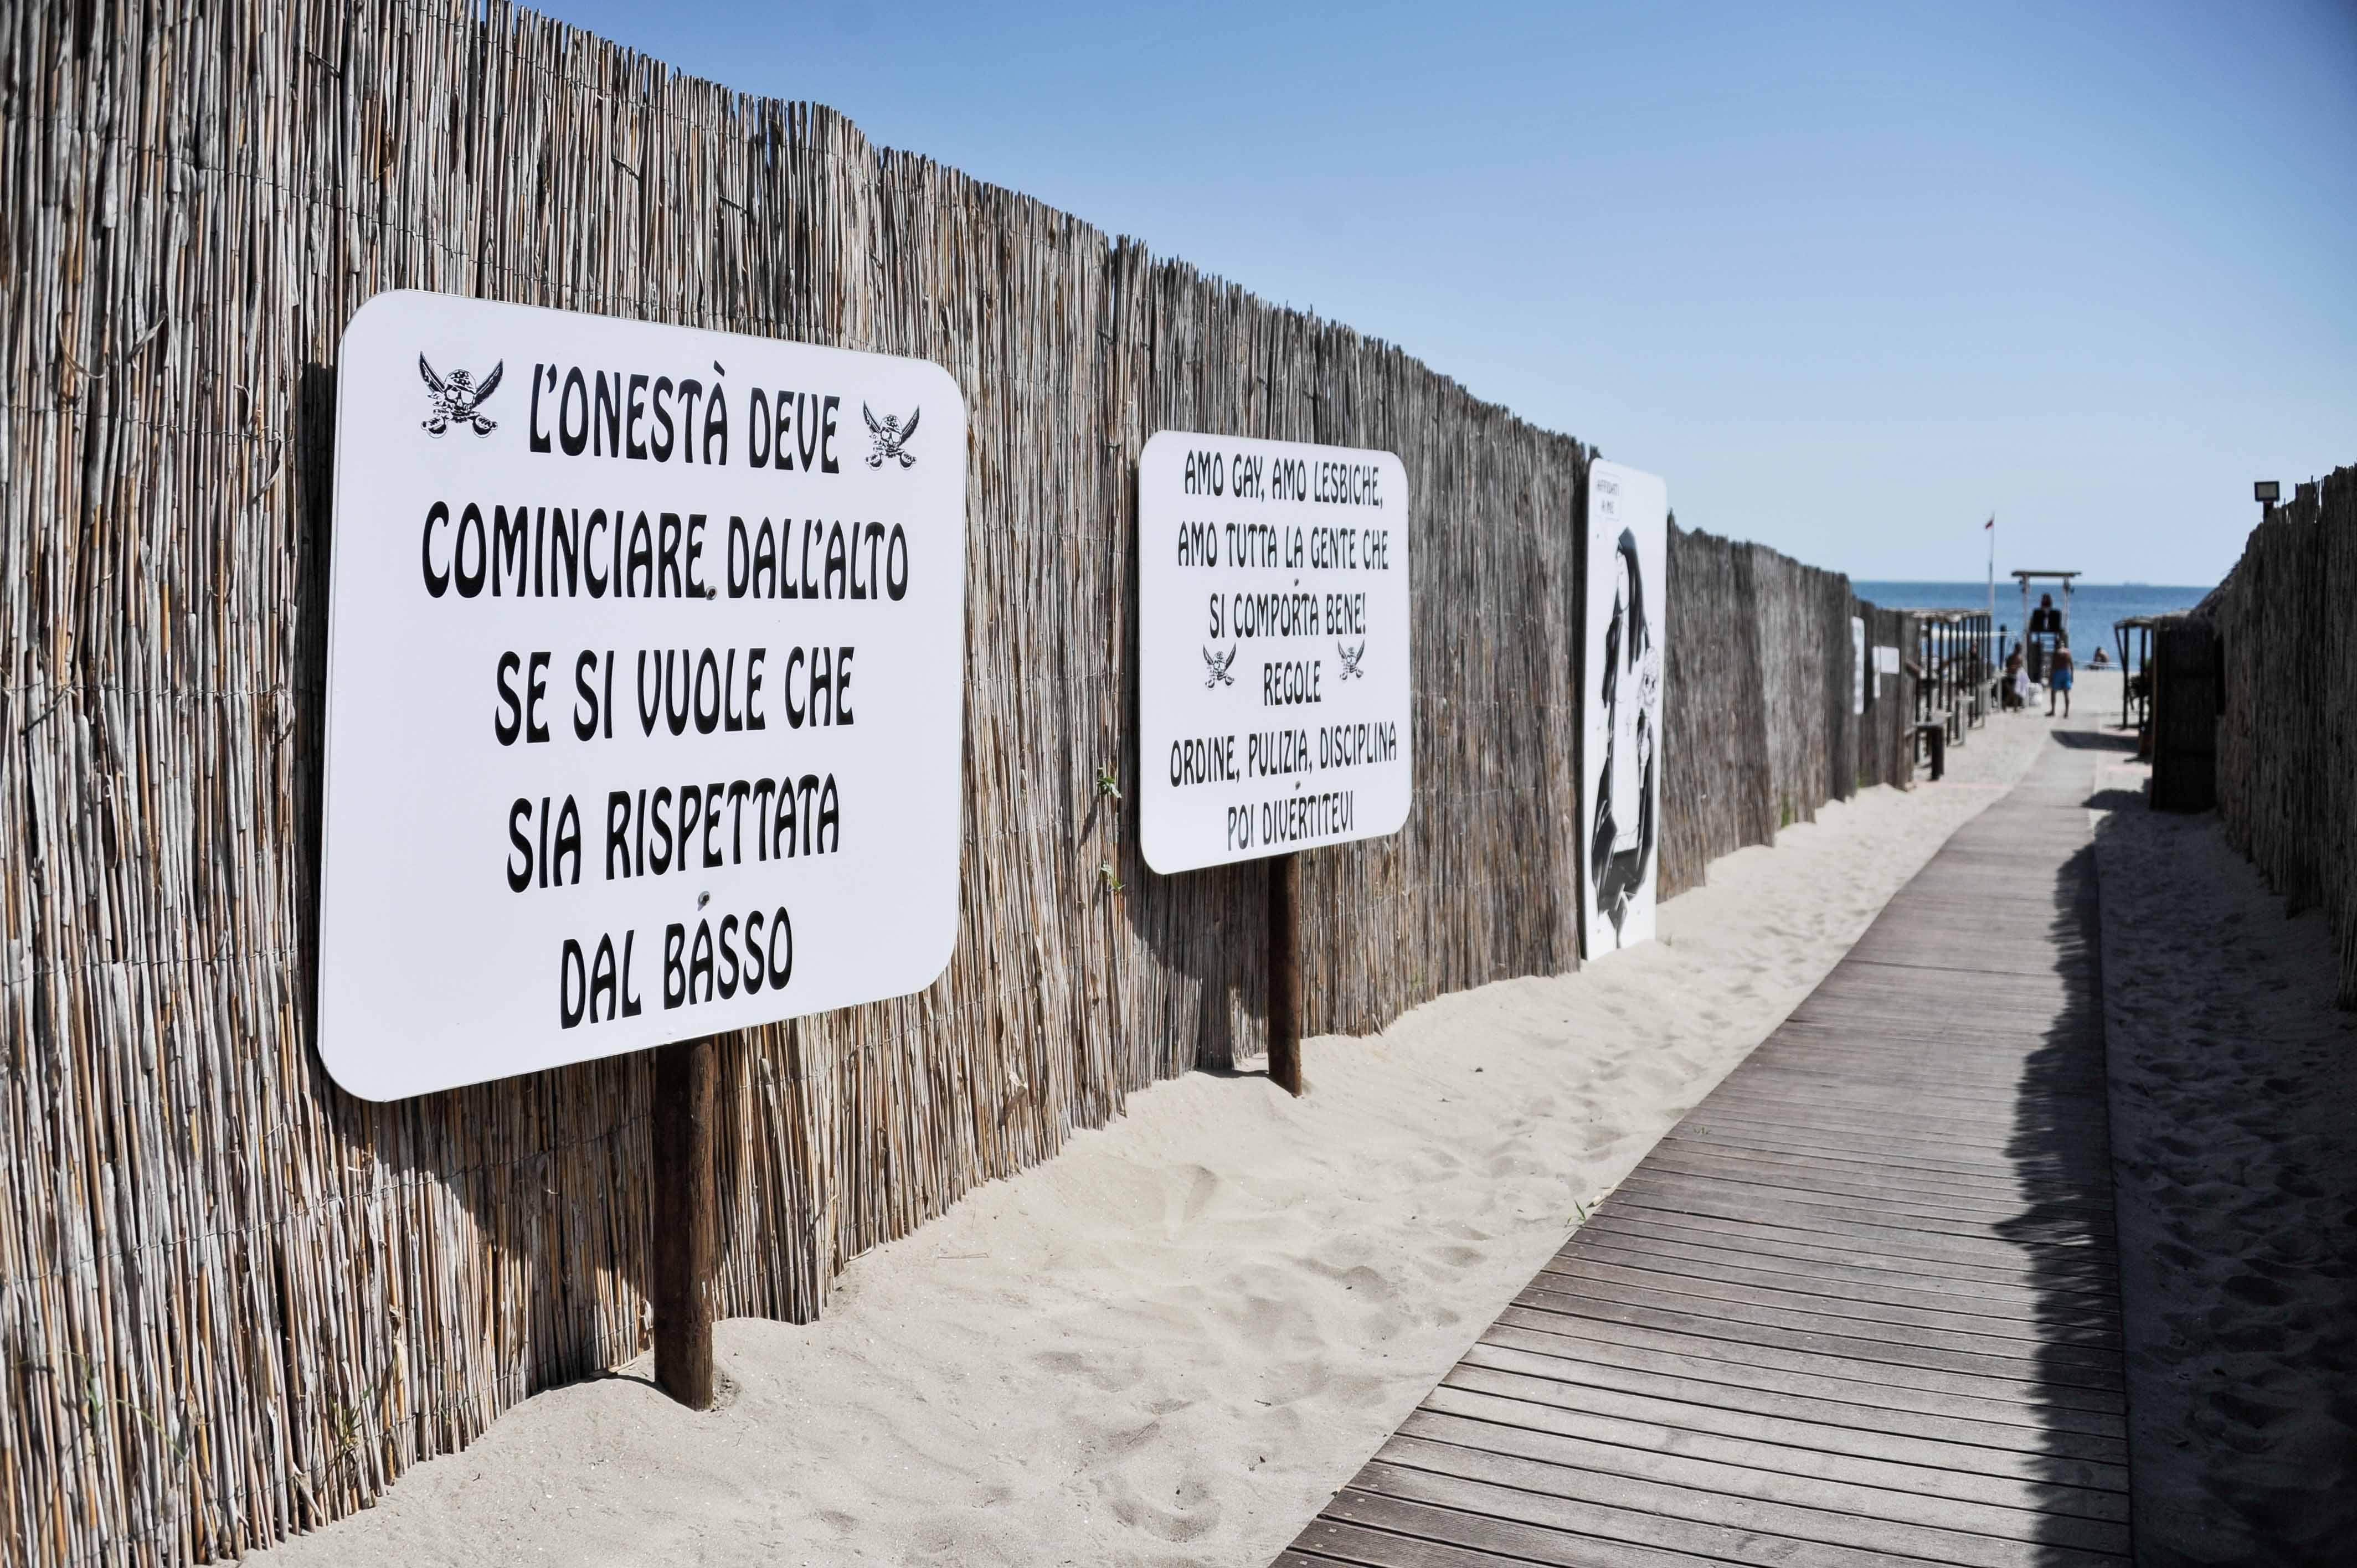 Repubblica all 39 ultima spiaggia chioggia la nuova norimberga - Bagno punta canna sottomarina ...